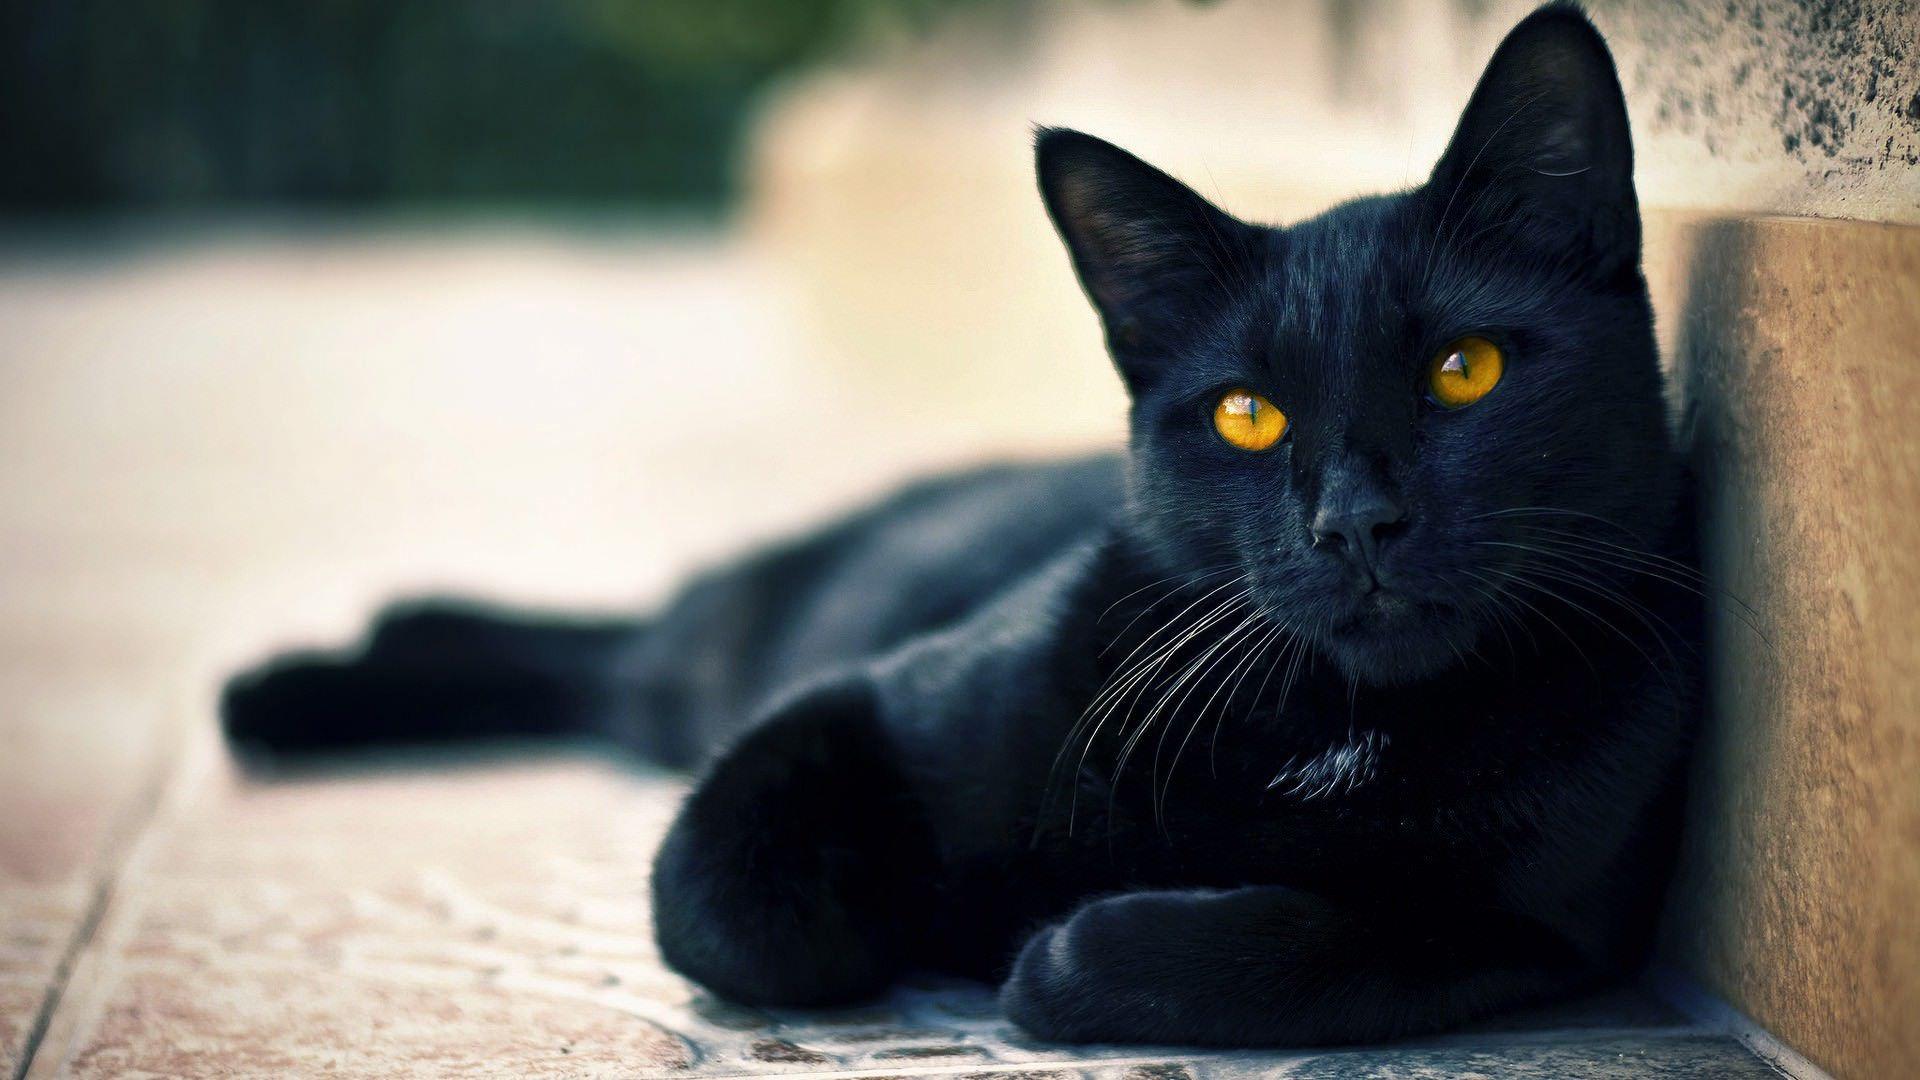 Black Cat 1920 1080 Cat care, Cat wallpaper, Cats